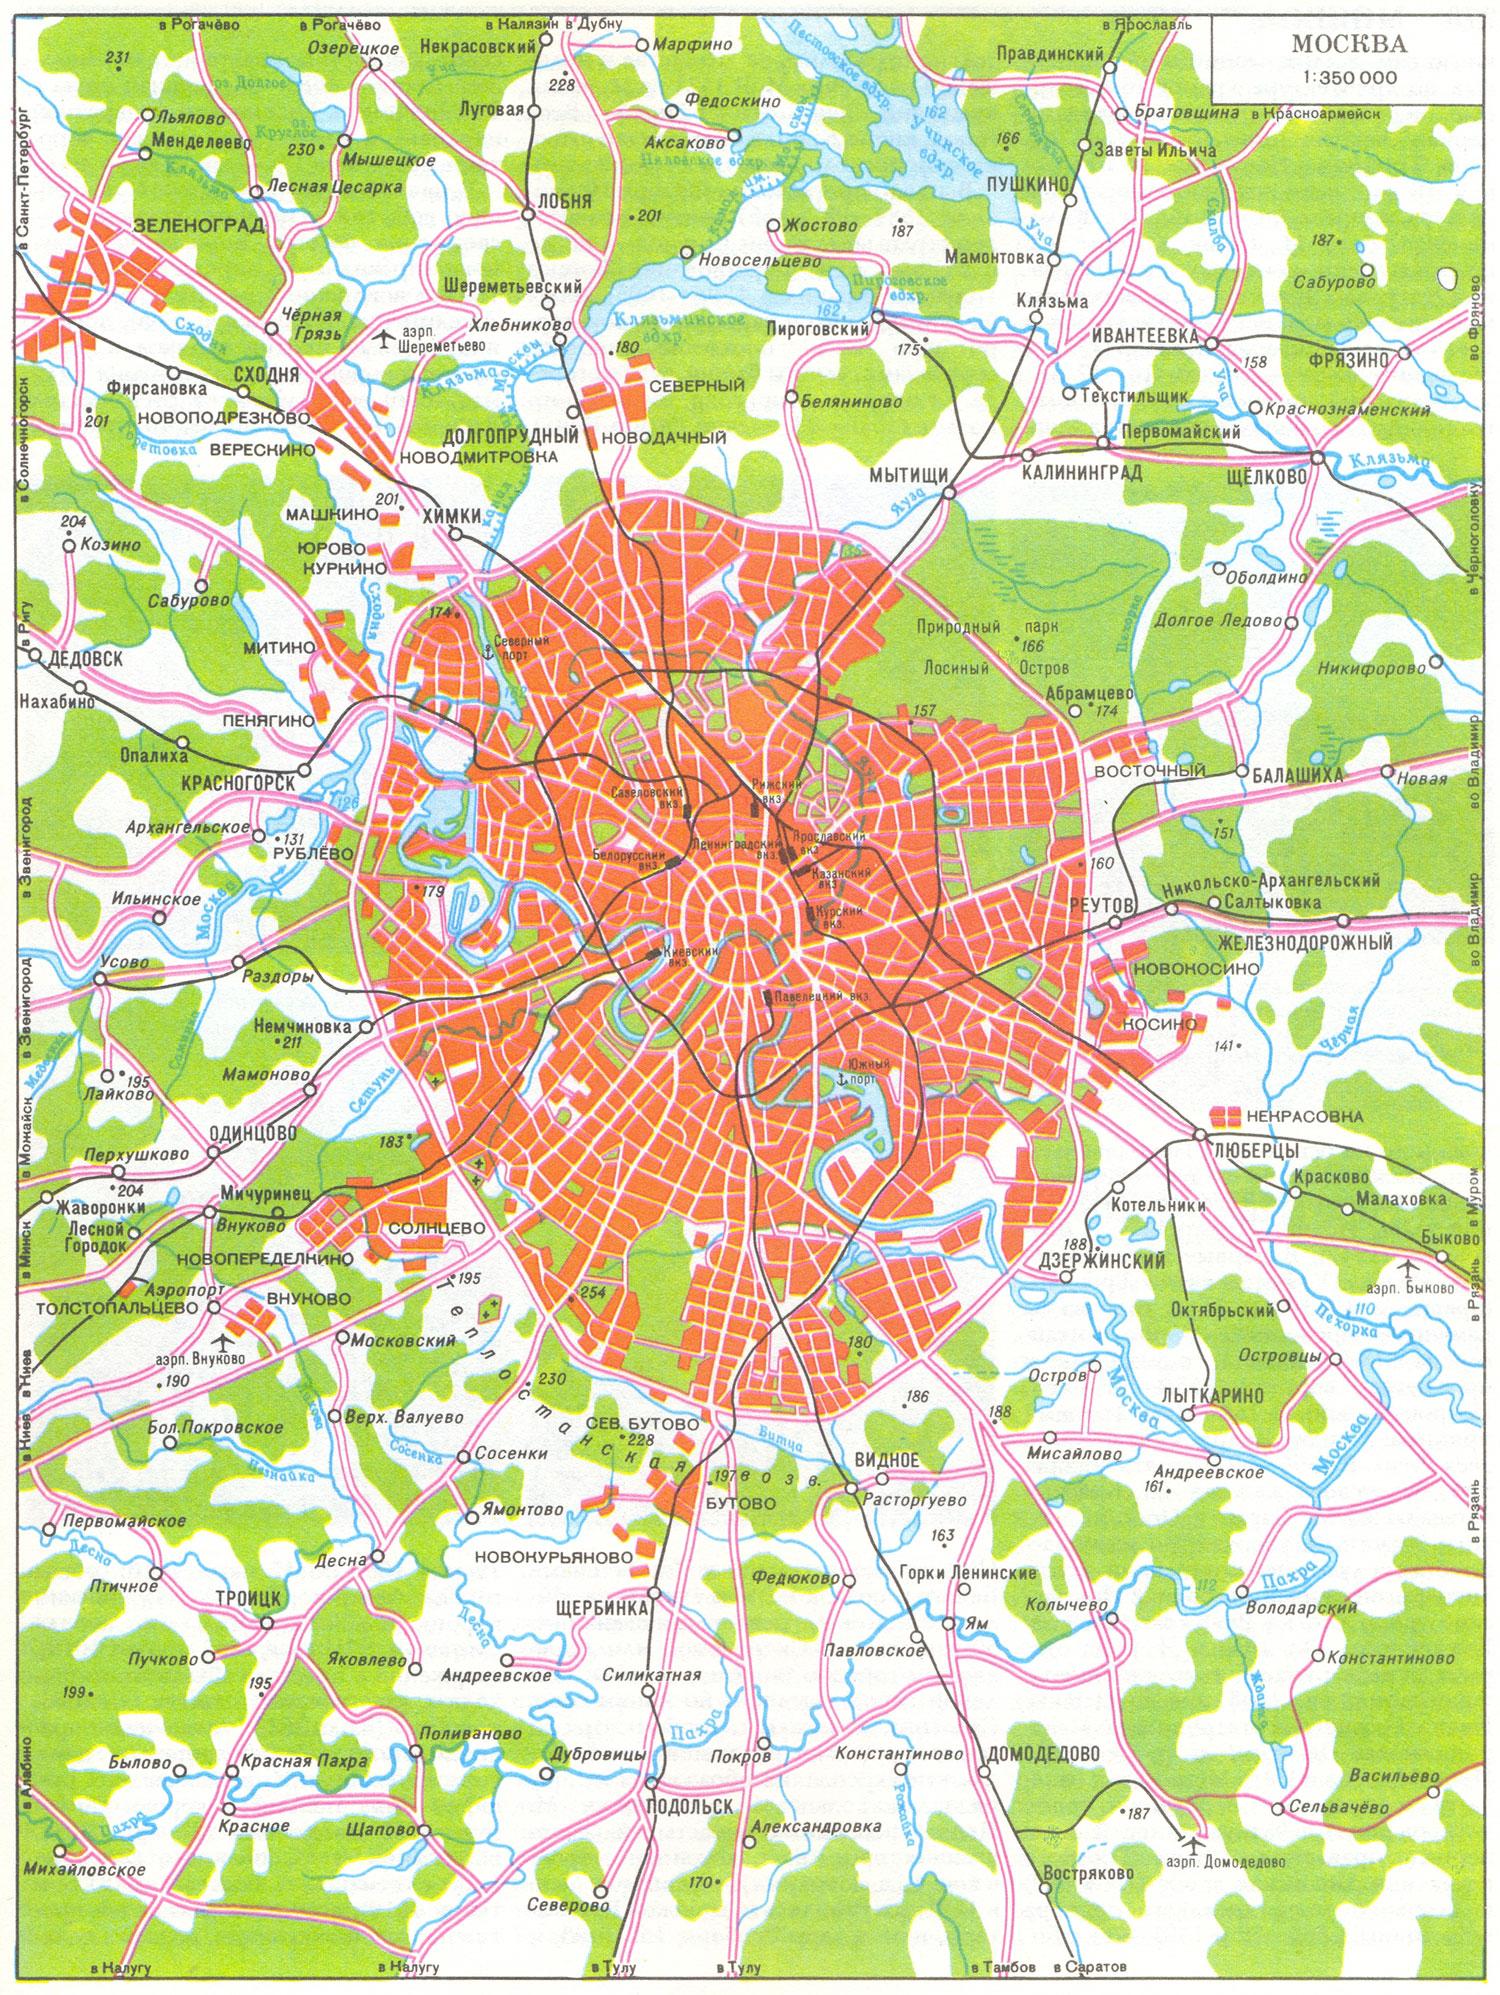 Топографическая карта москвы и